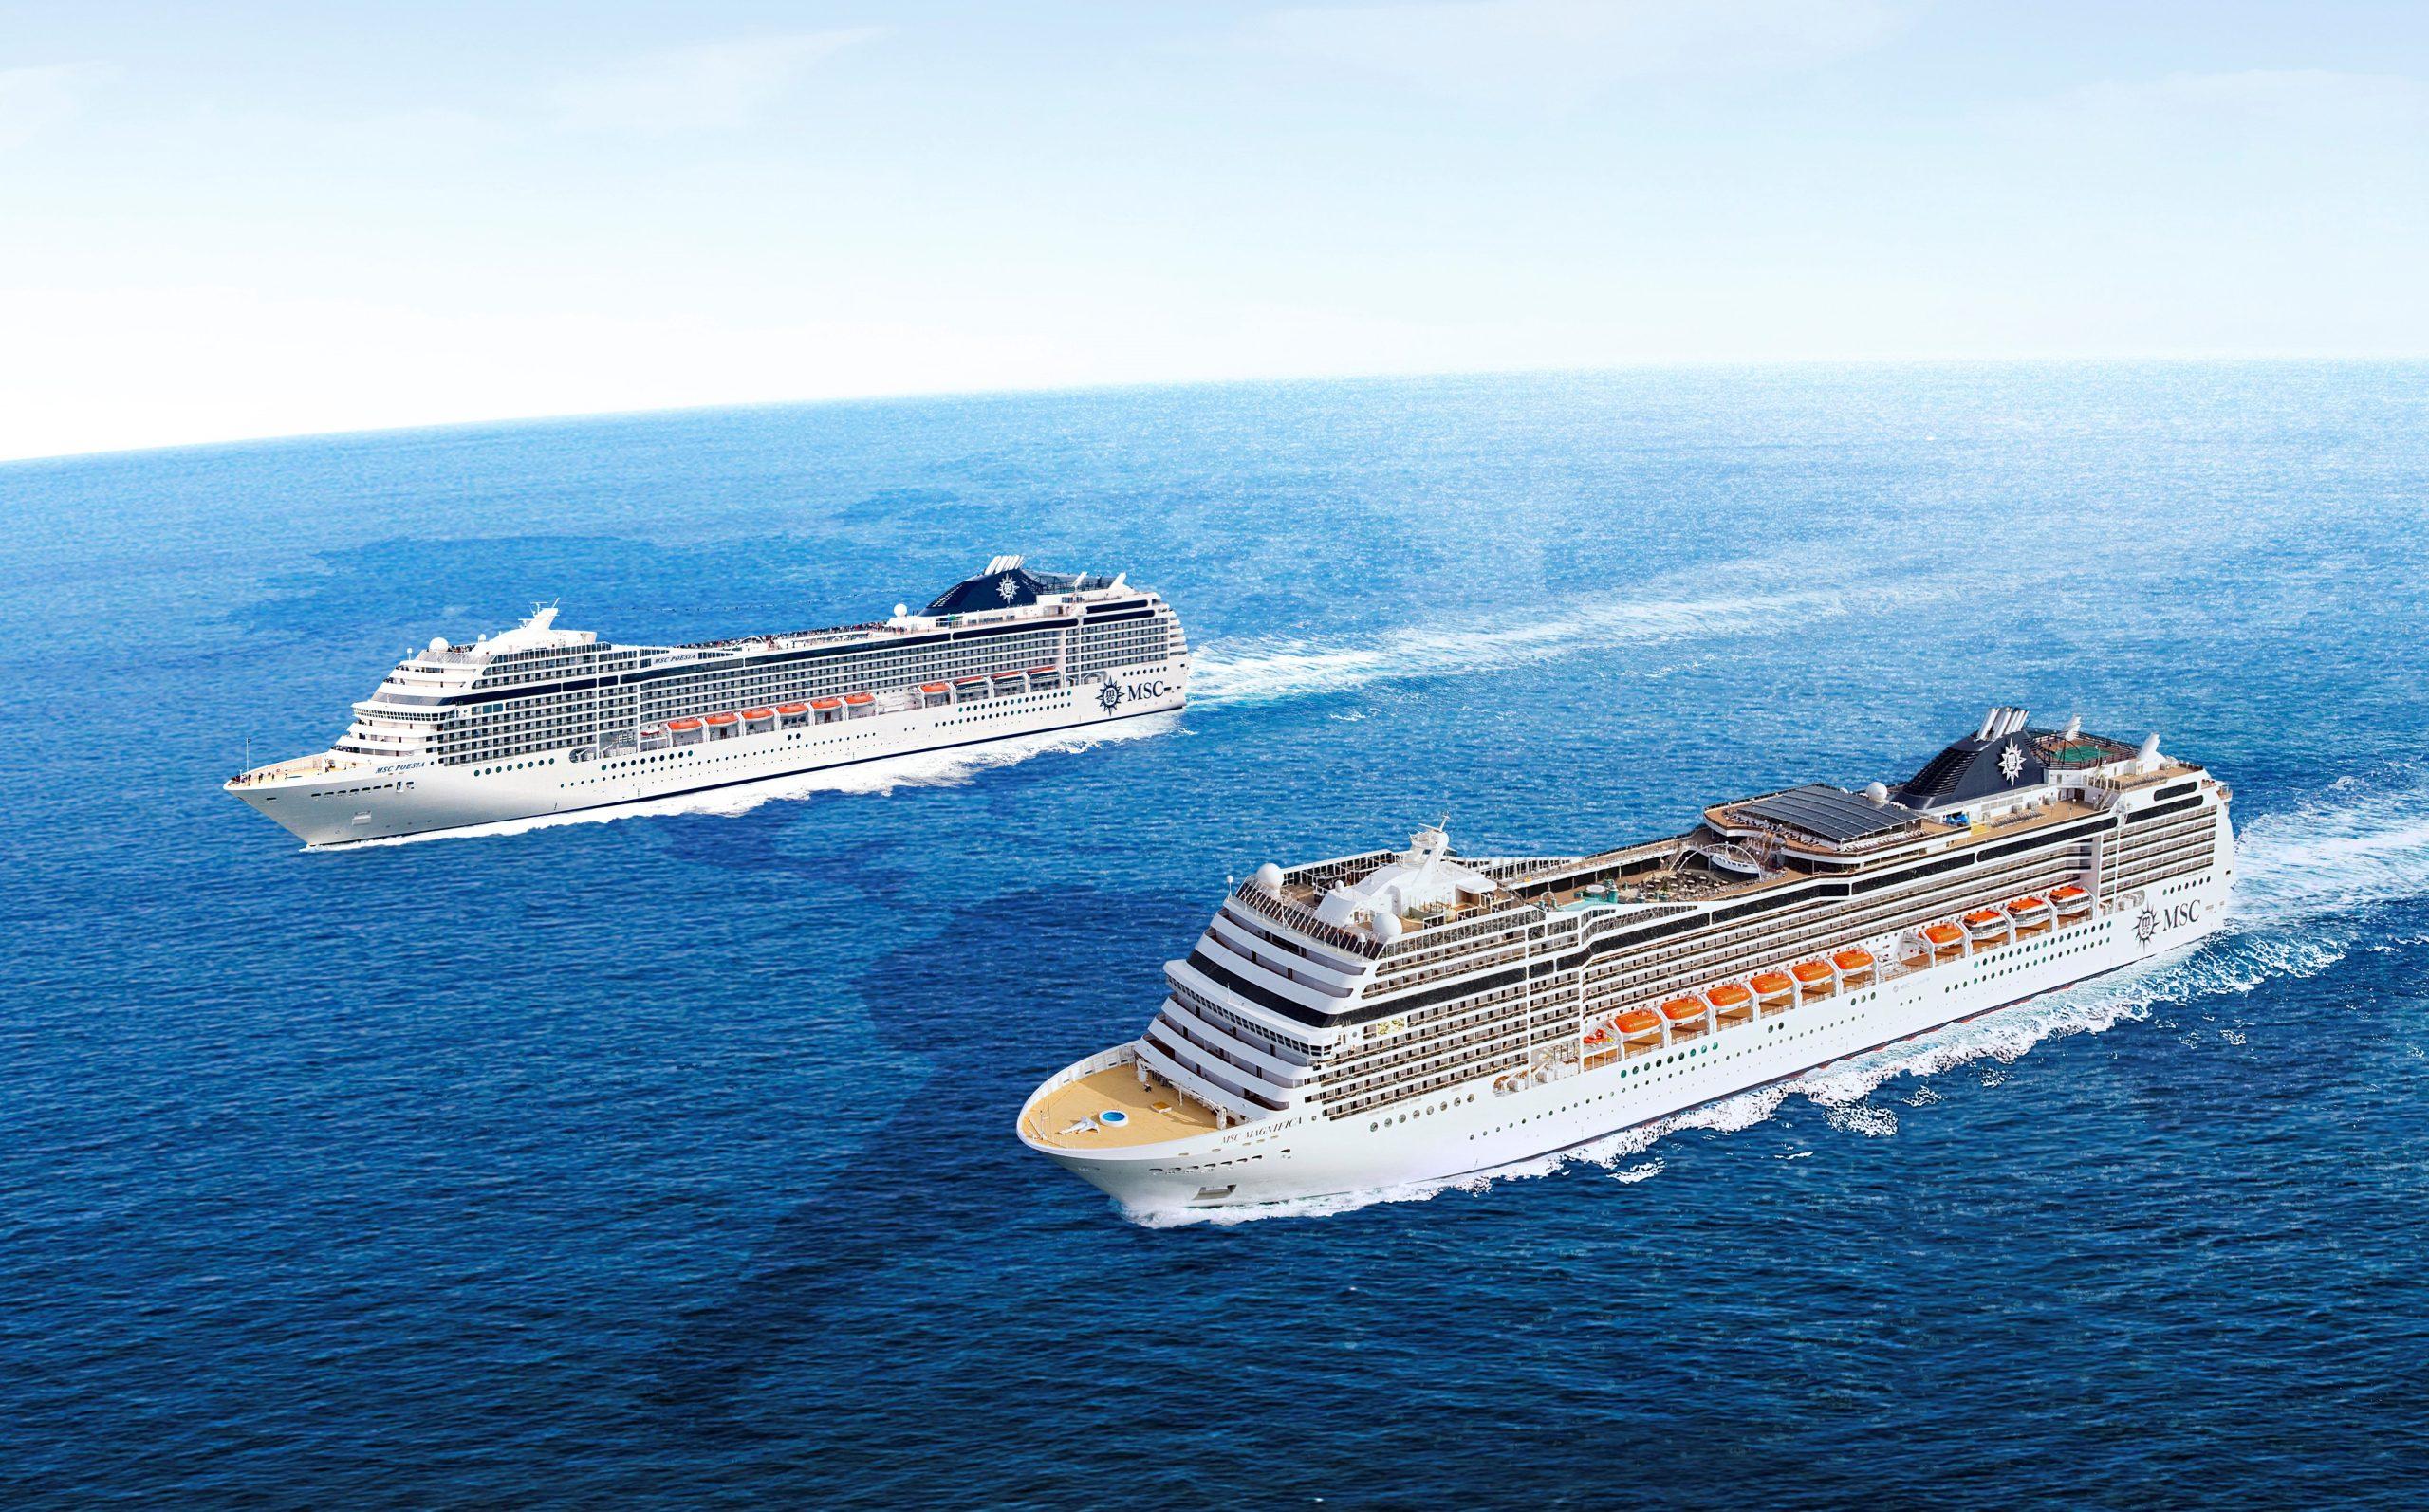 Illustration fra MSC Cruises af de to skibe, MSC Poesia og MSC Magnifica, der i 2023 gennemfører hvert deres verdenskrydstogt af cirka fire måneders varighed.